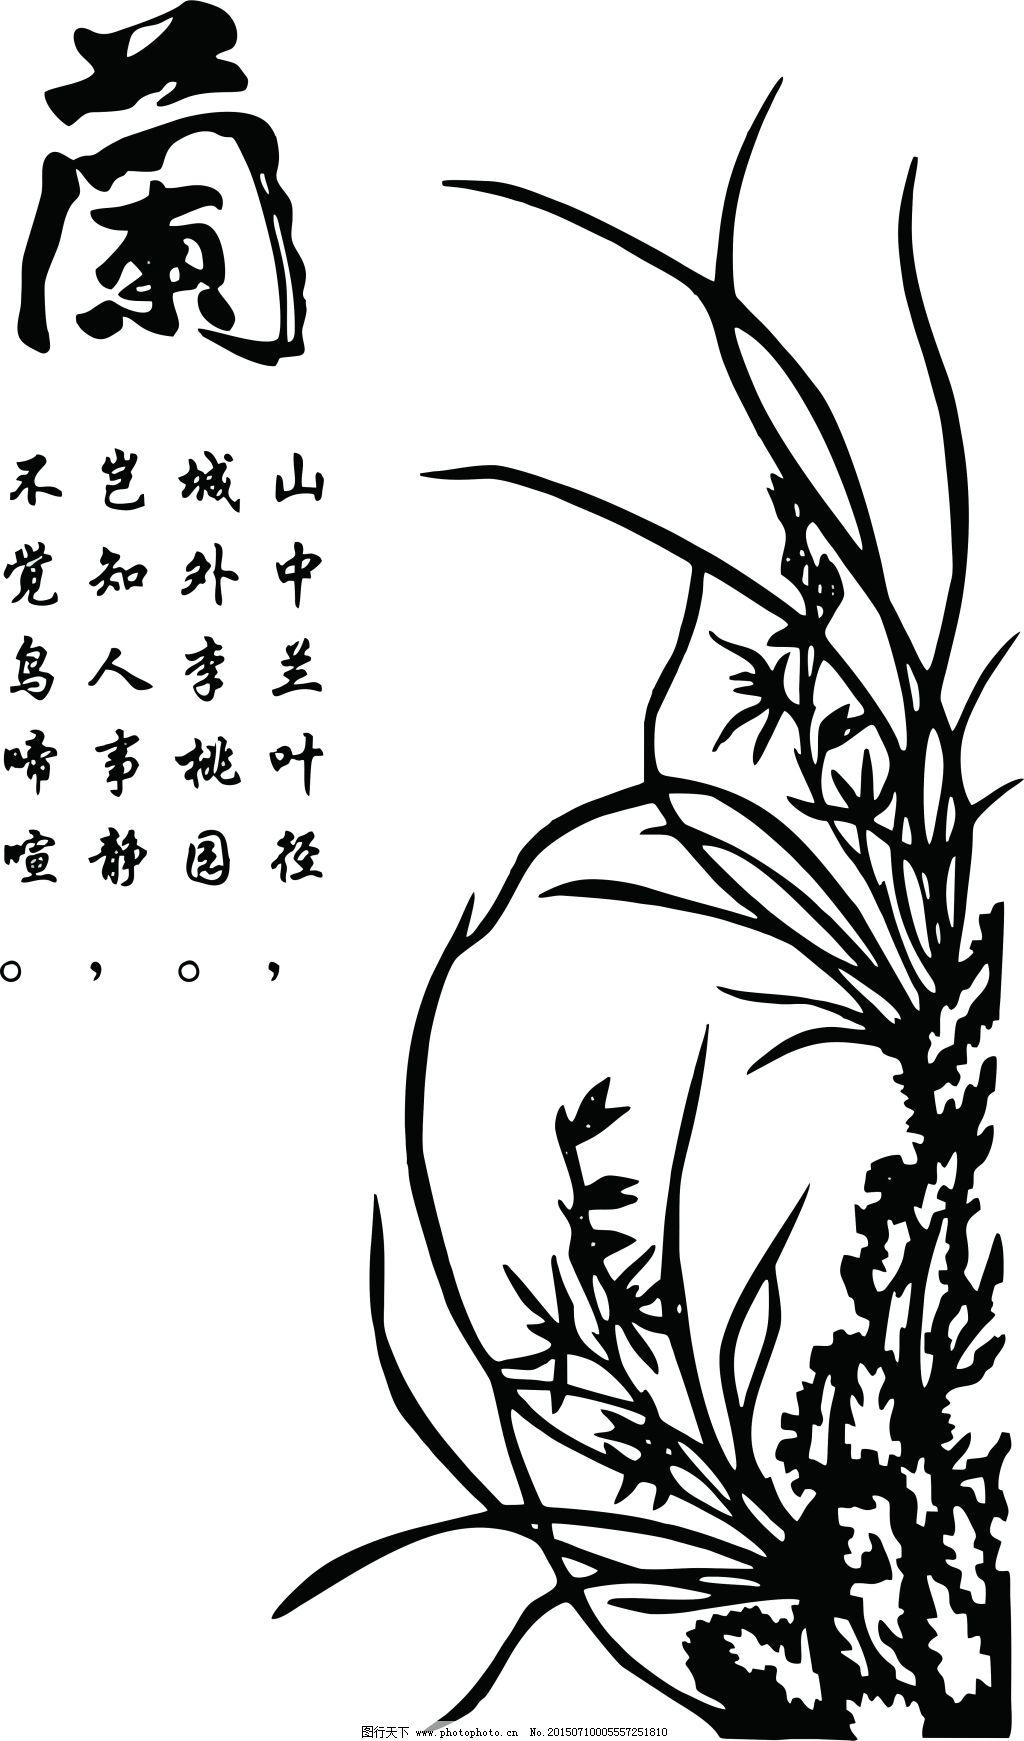 简笔画 设计 矢量 矢量图 手绘 素材 线稿 1024_1741 竖版 竖屏